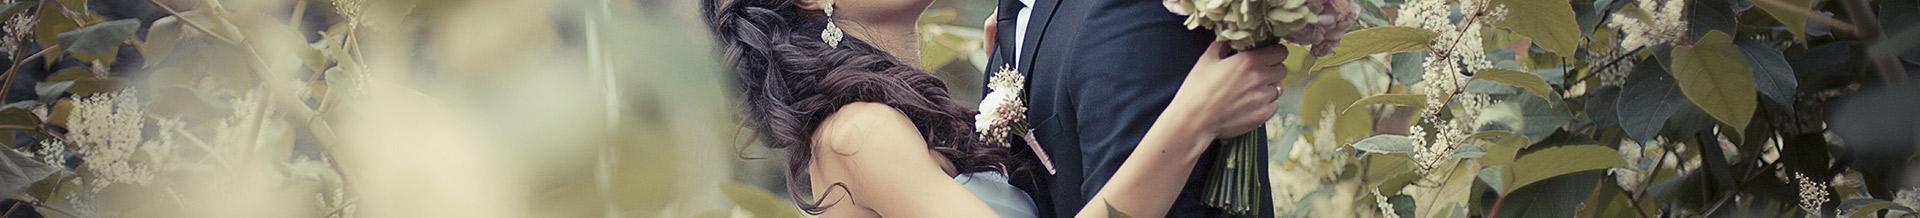 Jeux mariage